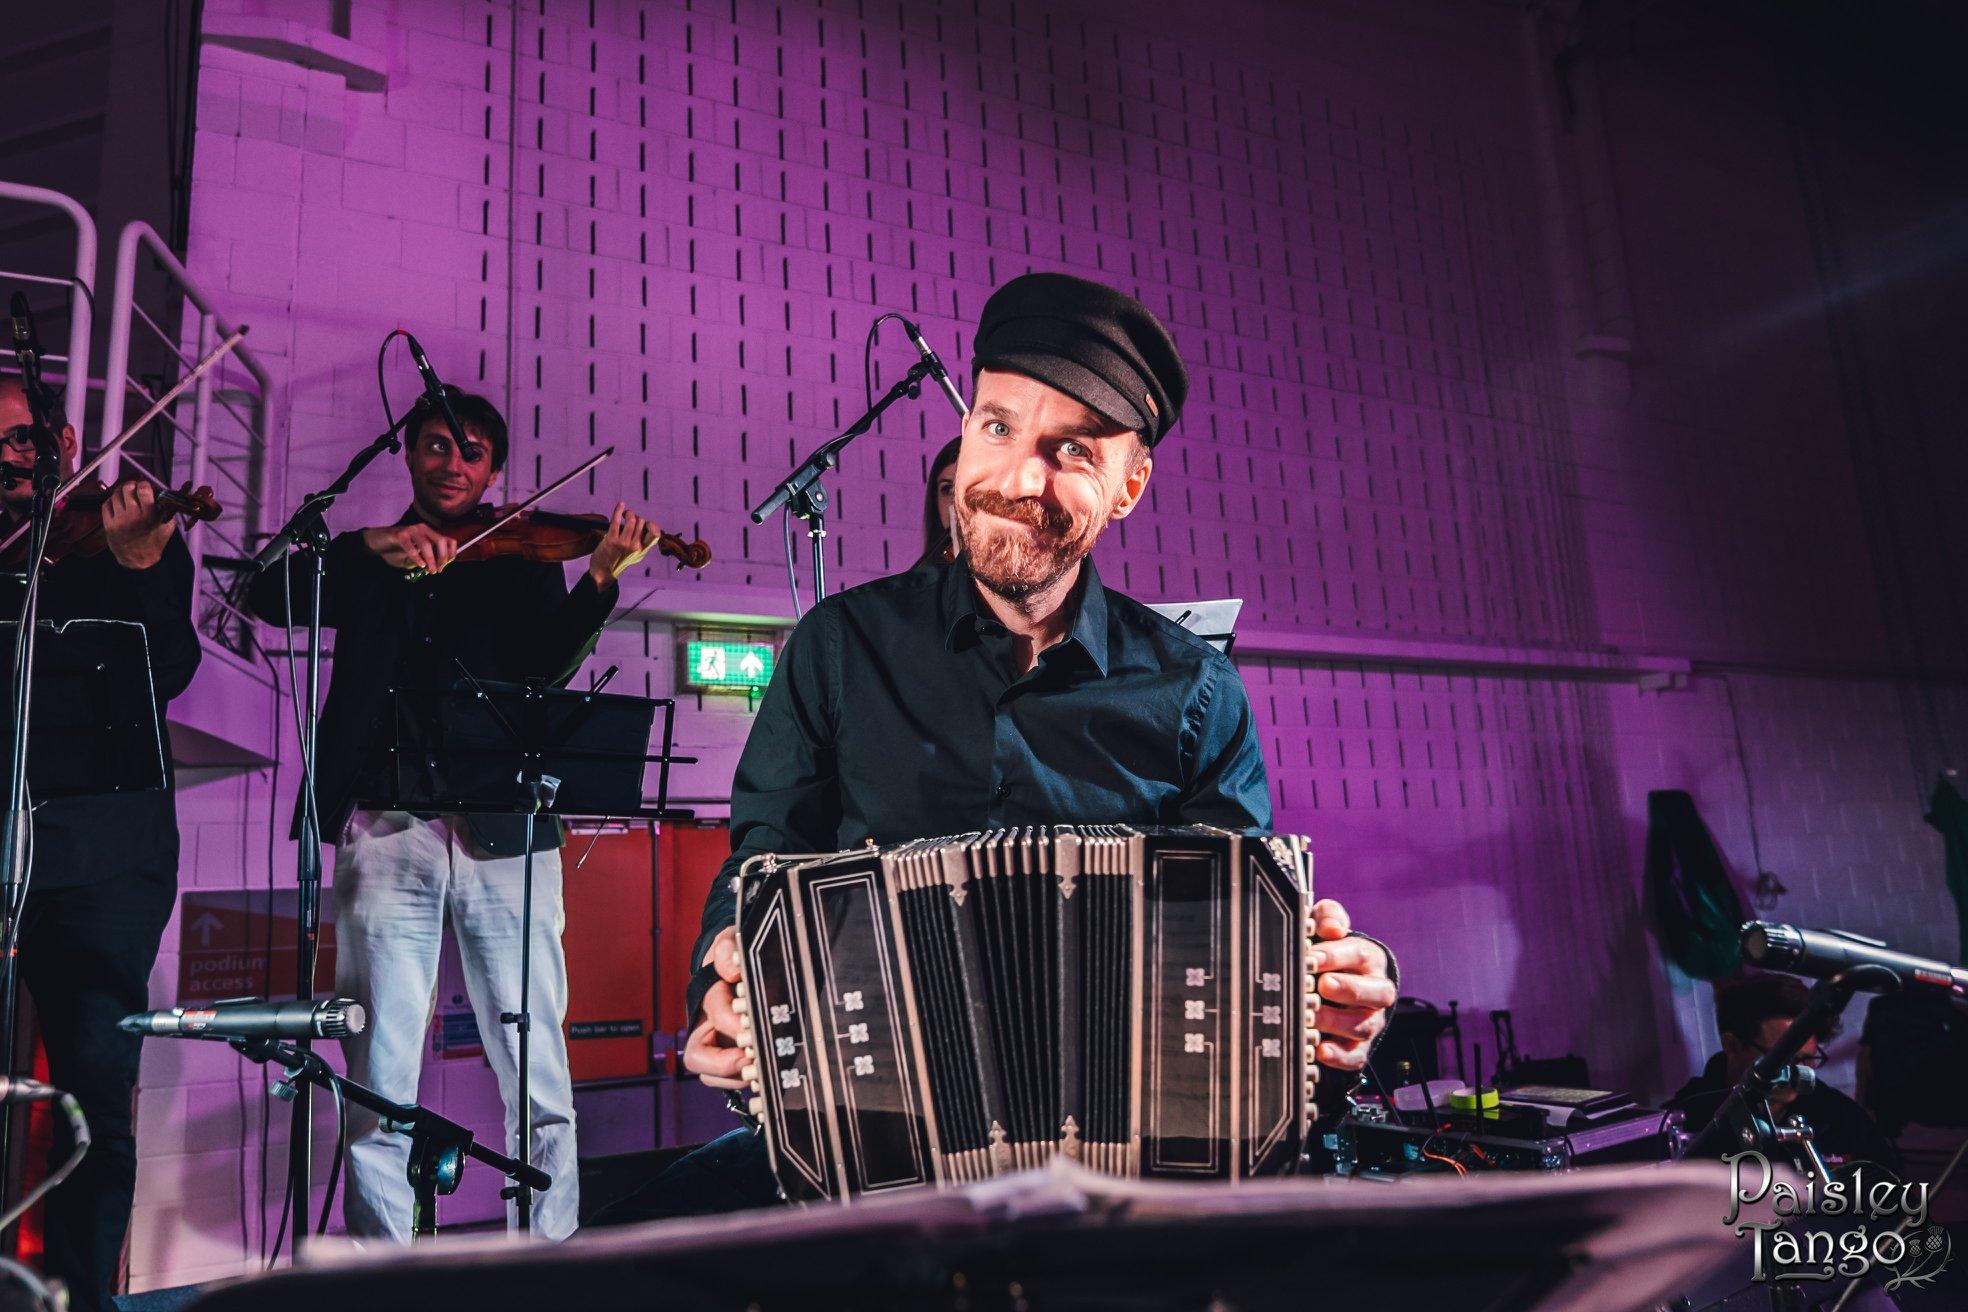 Paisley tango Festival